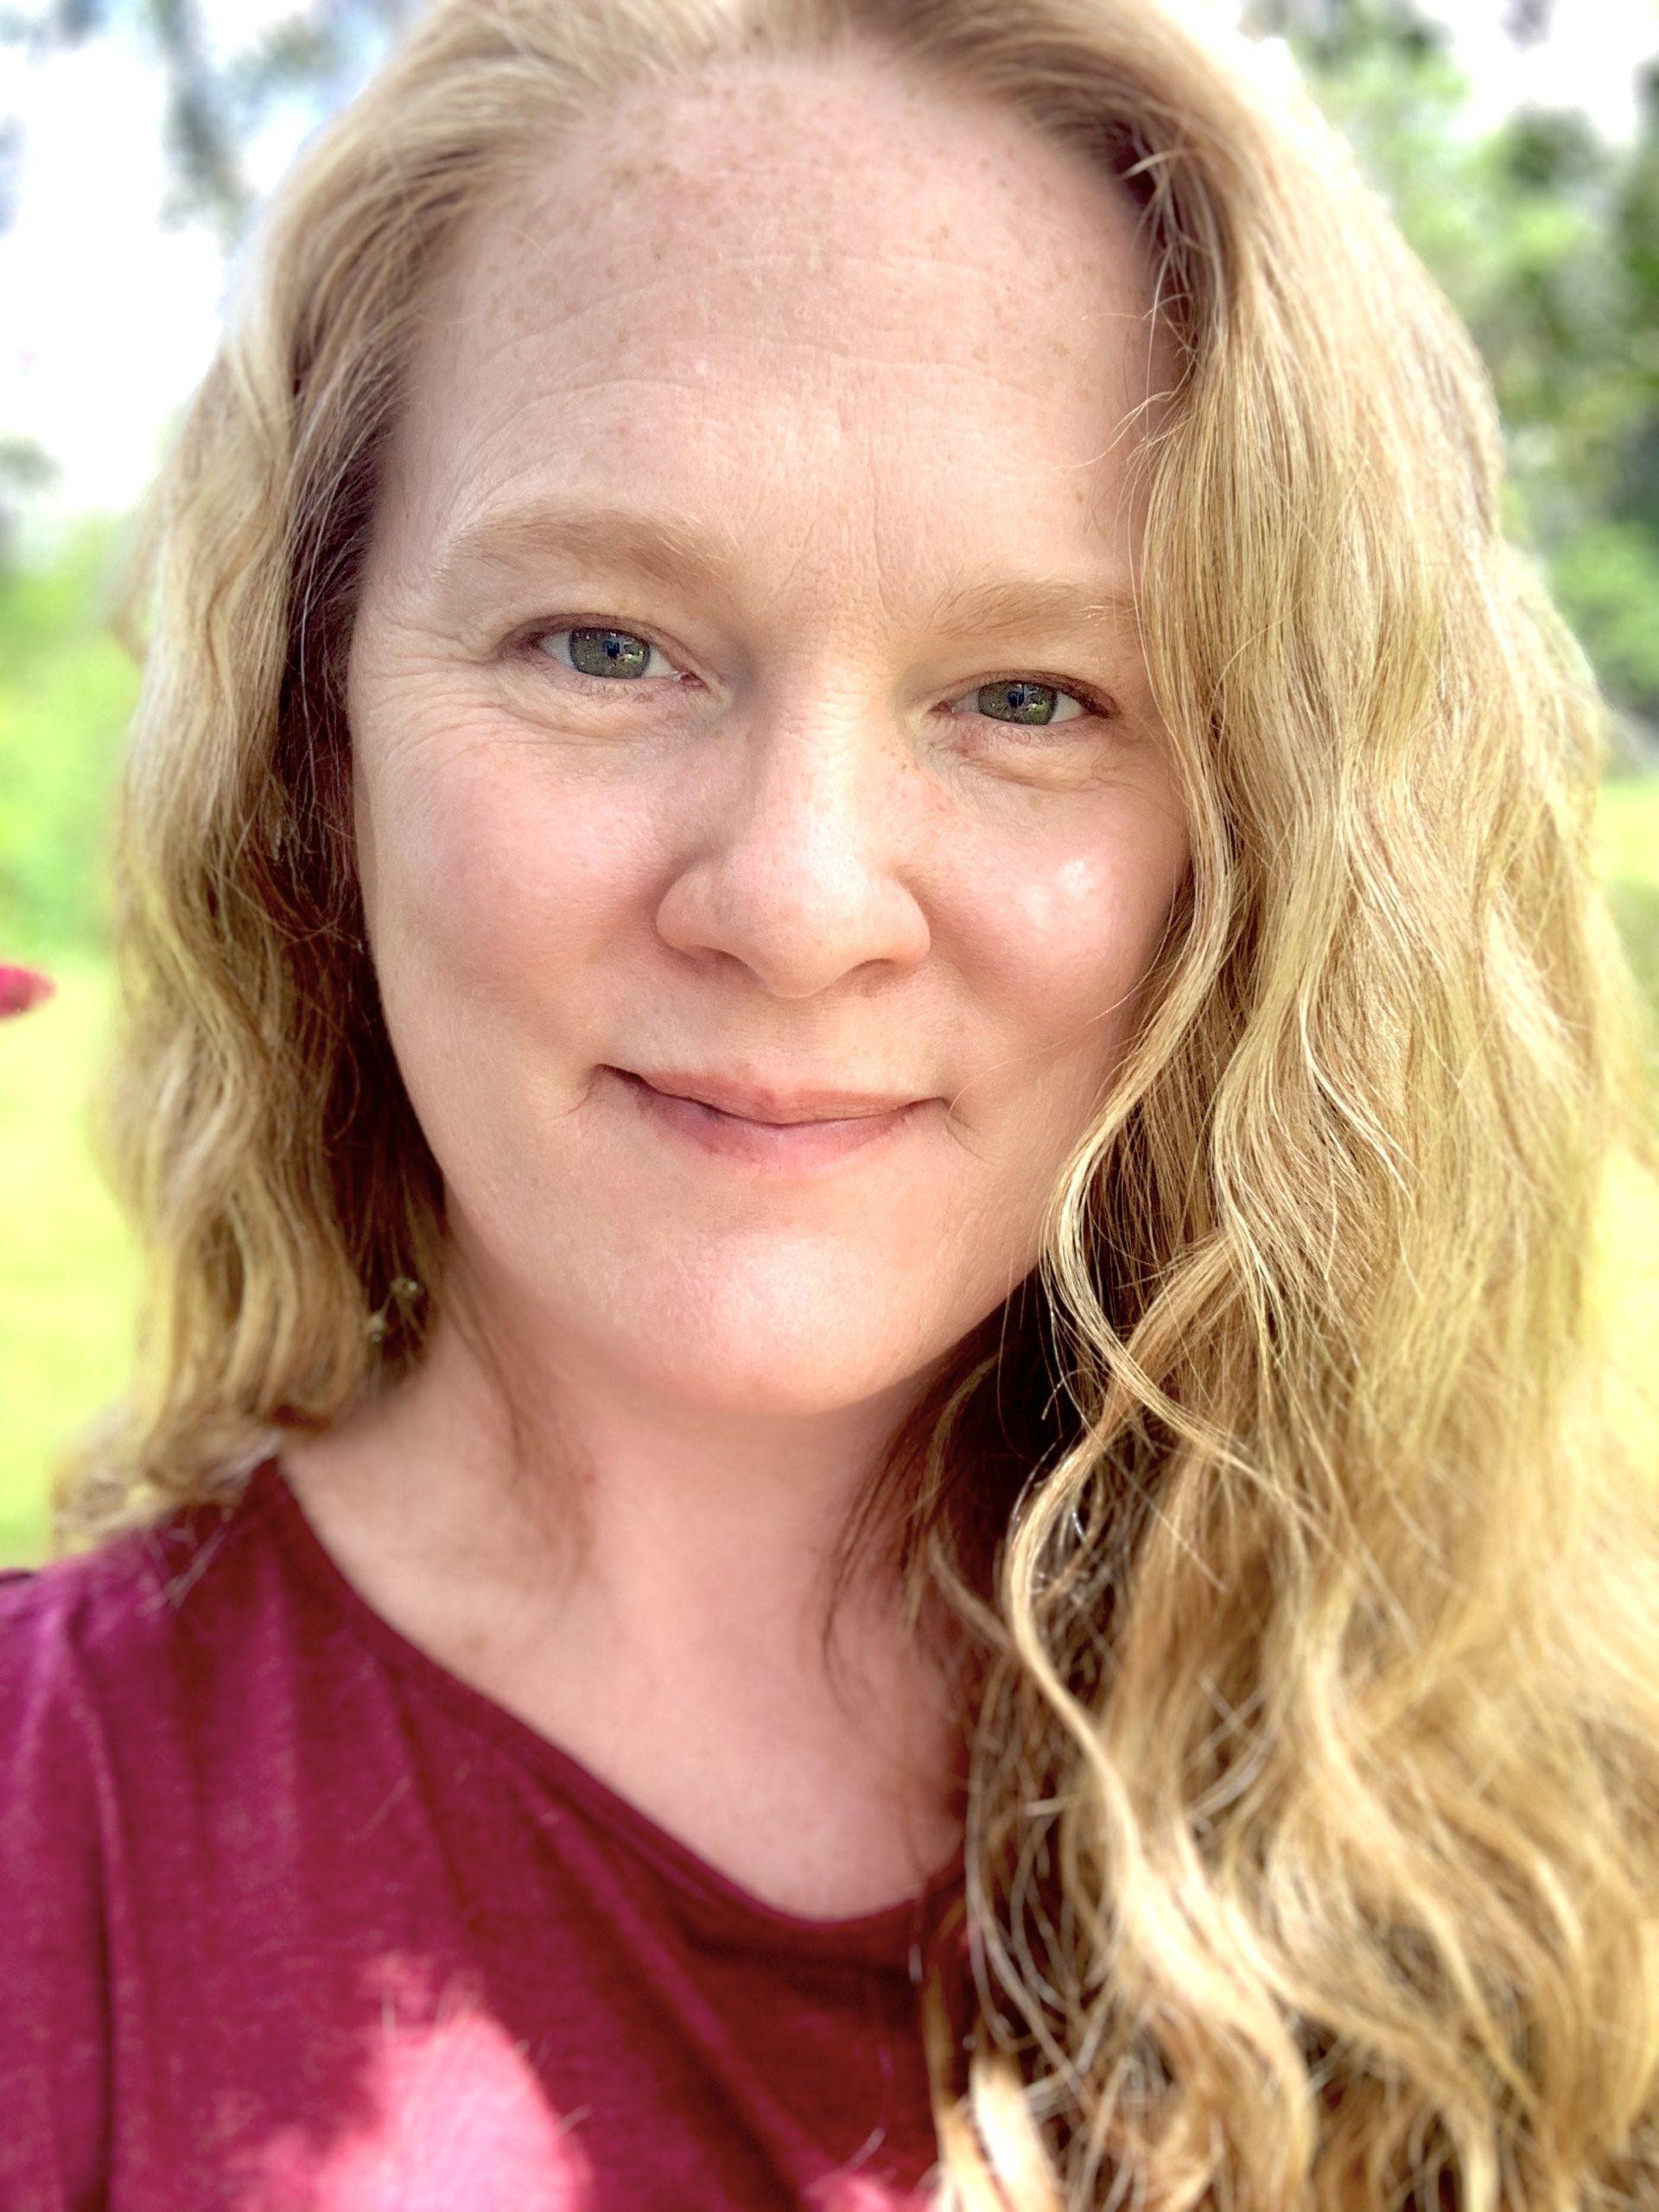 Tia Levings